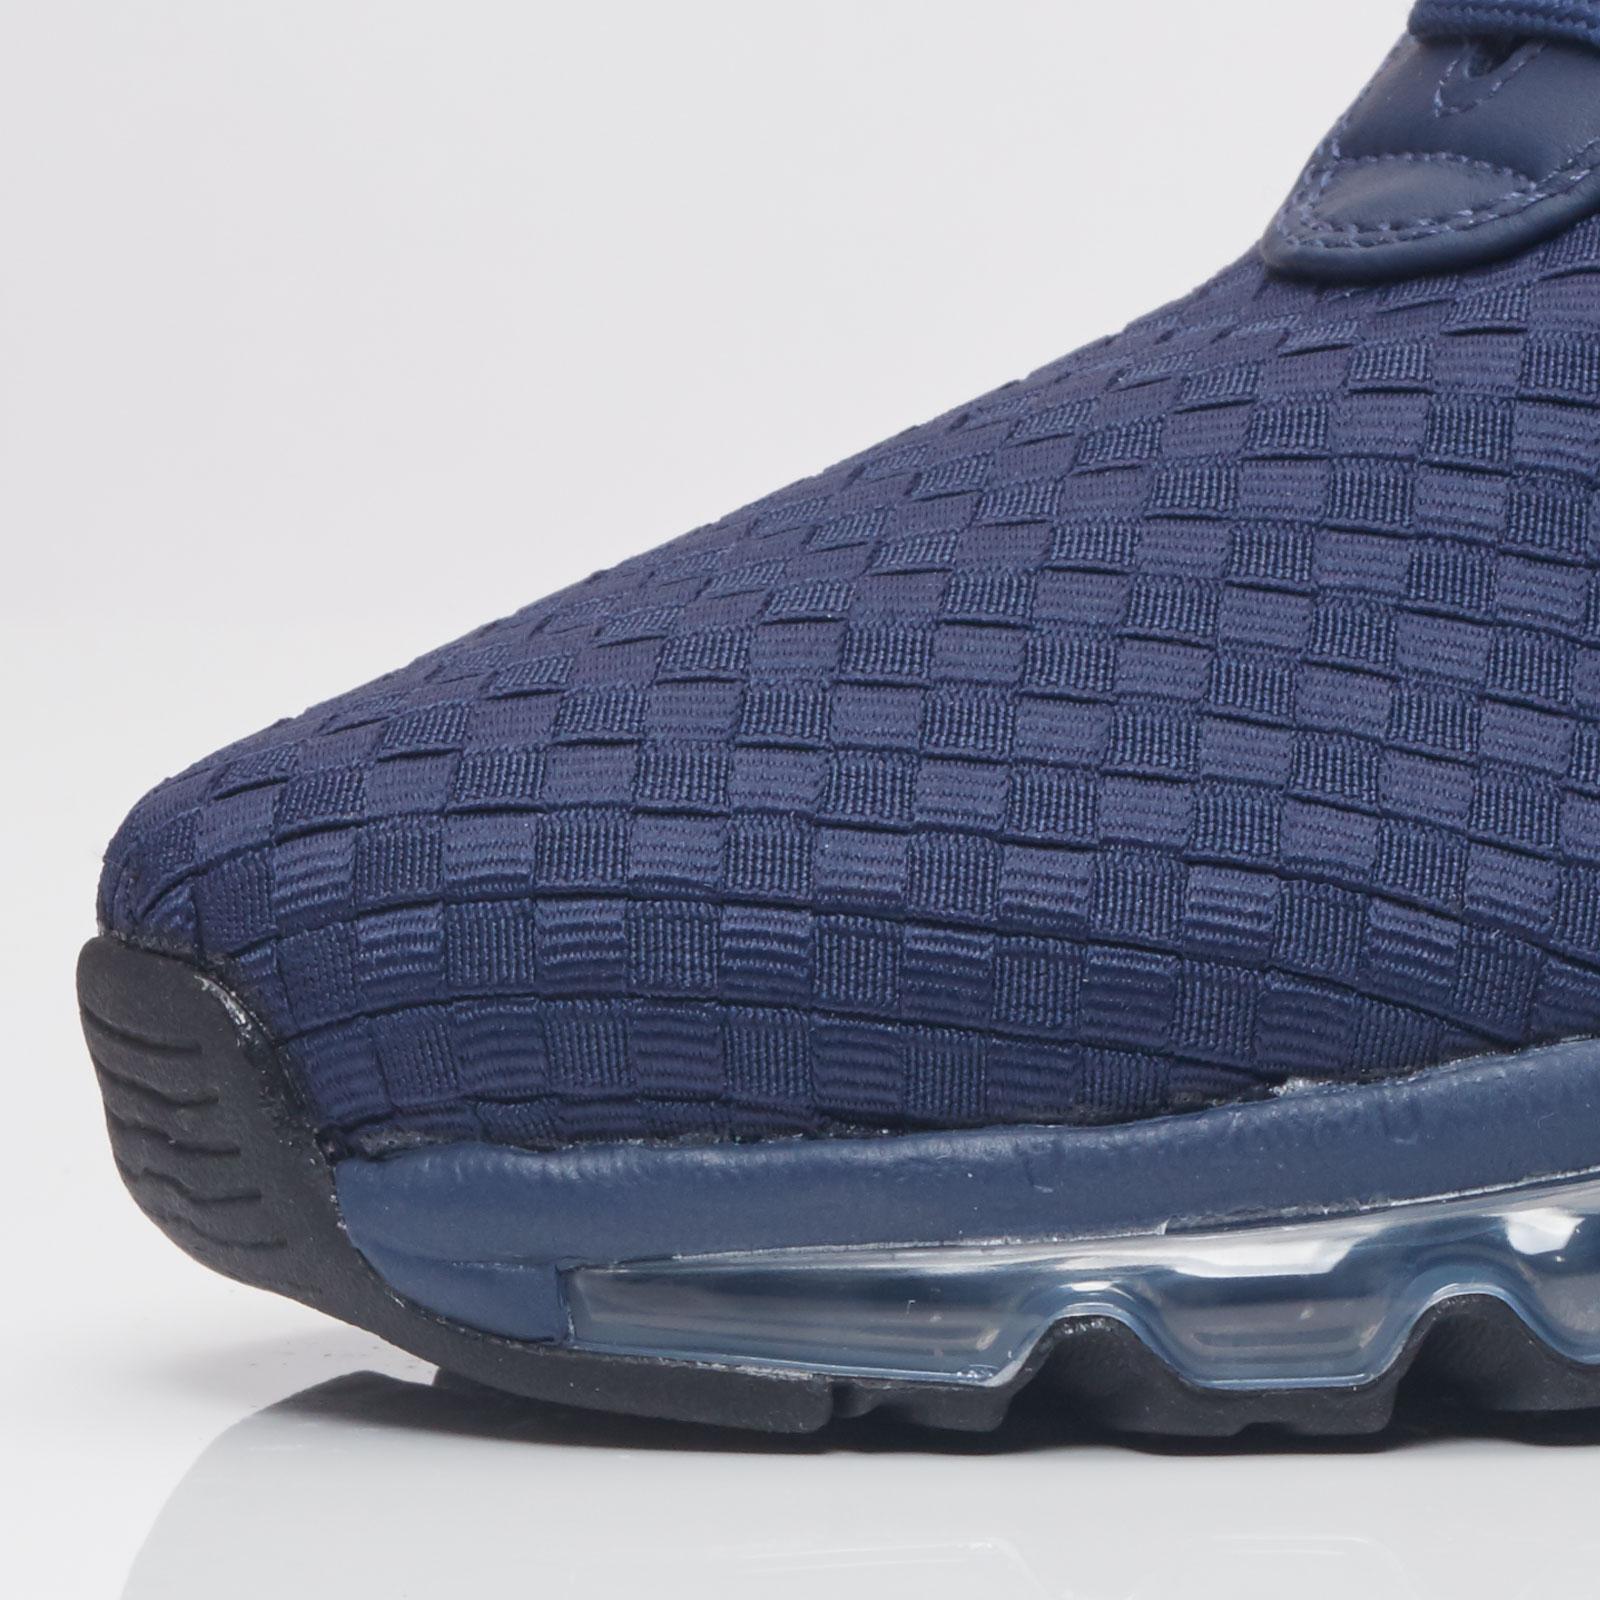 sale retailer aebf6 fd79a Nike Sportswear Air Max Woven Boot - 6. Stäng